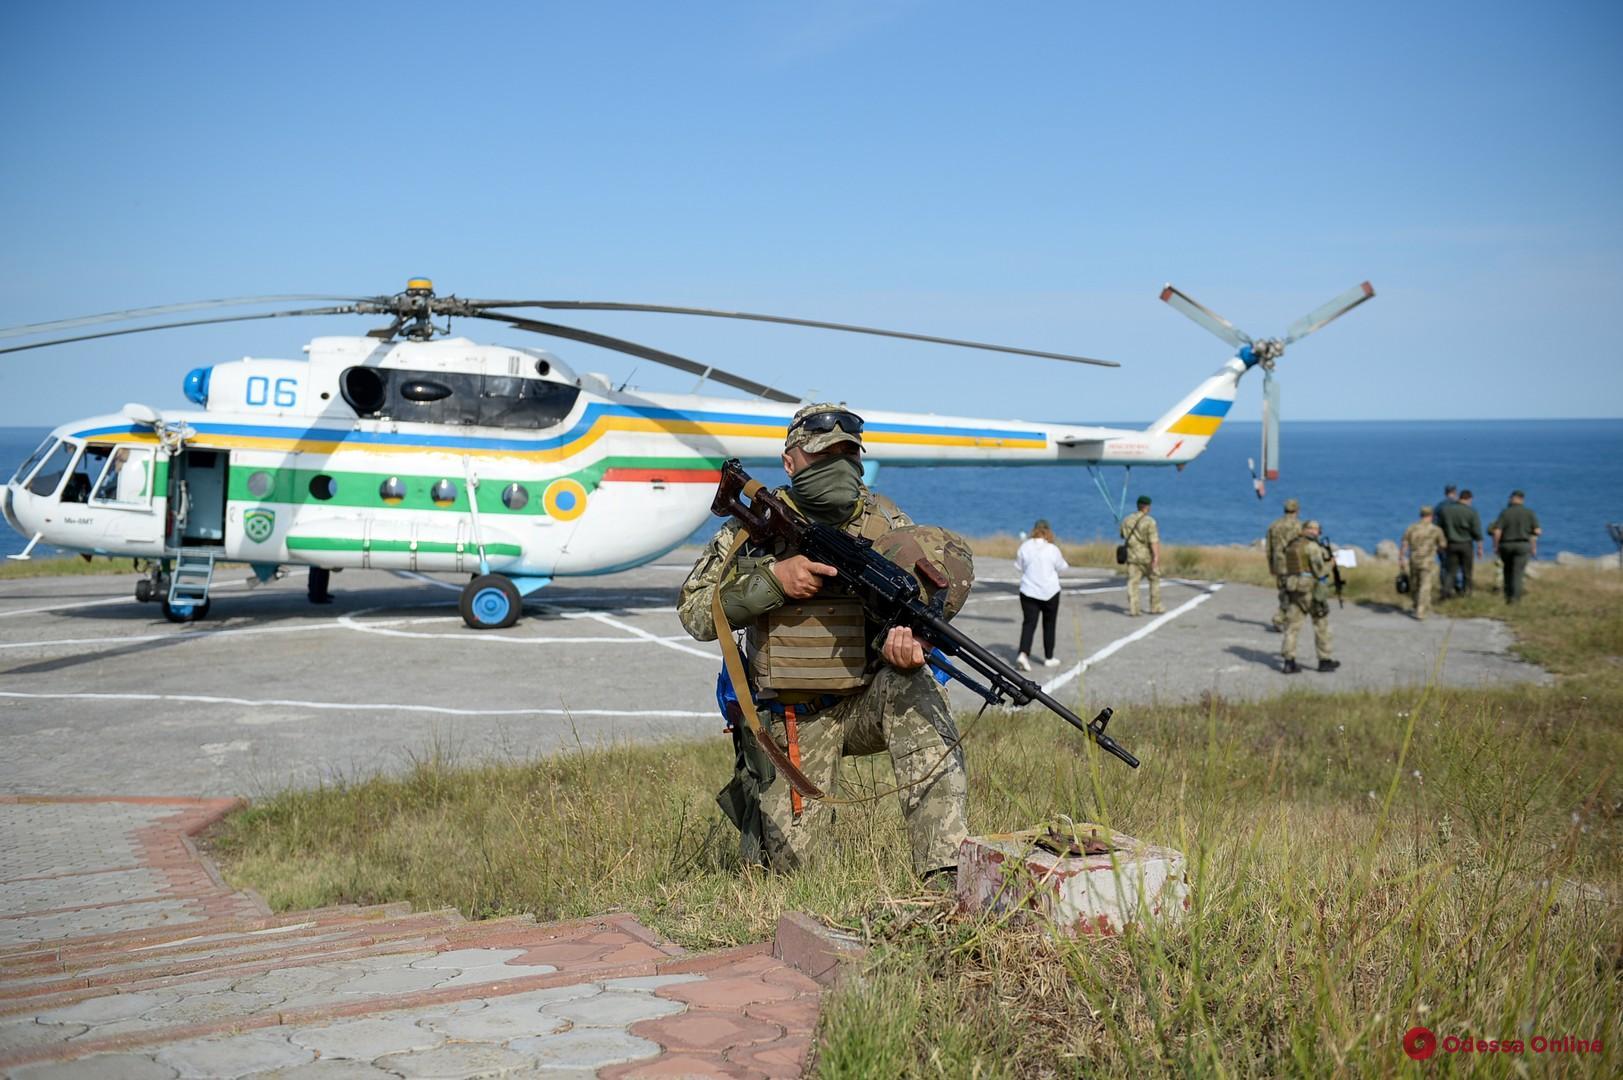 Пограничники и ВМС провели совместные учения у берегов Одессы (фото, видео)